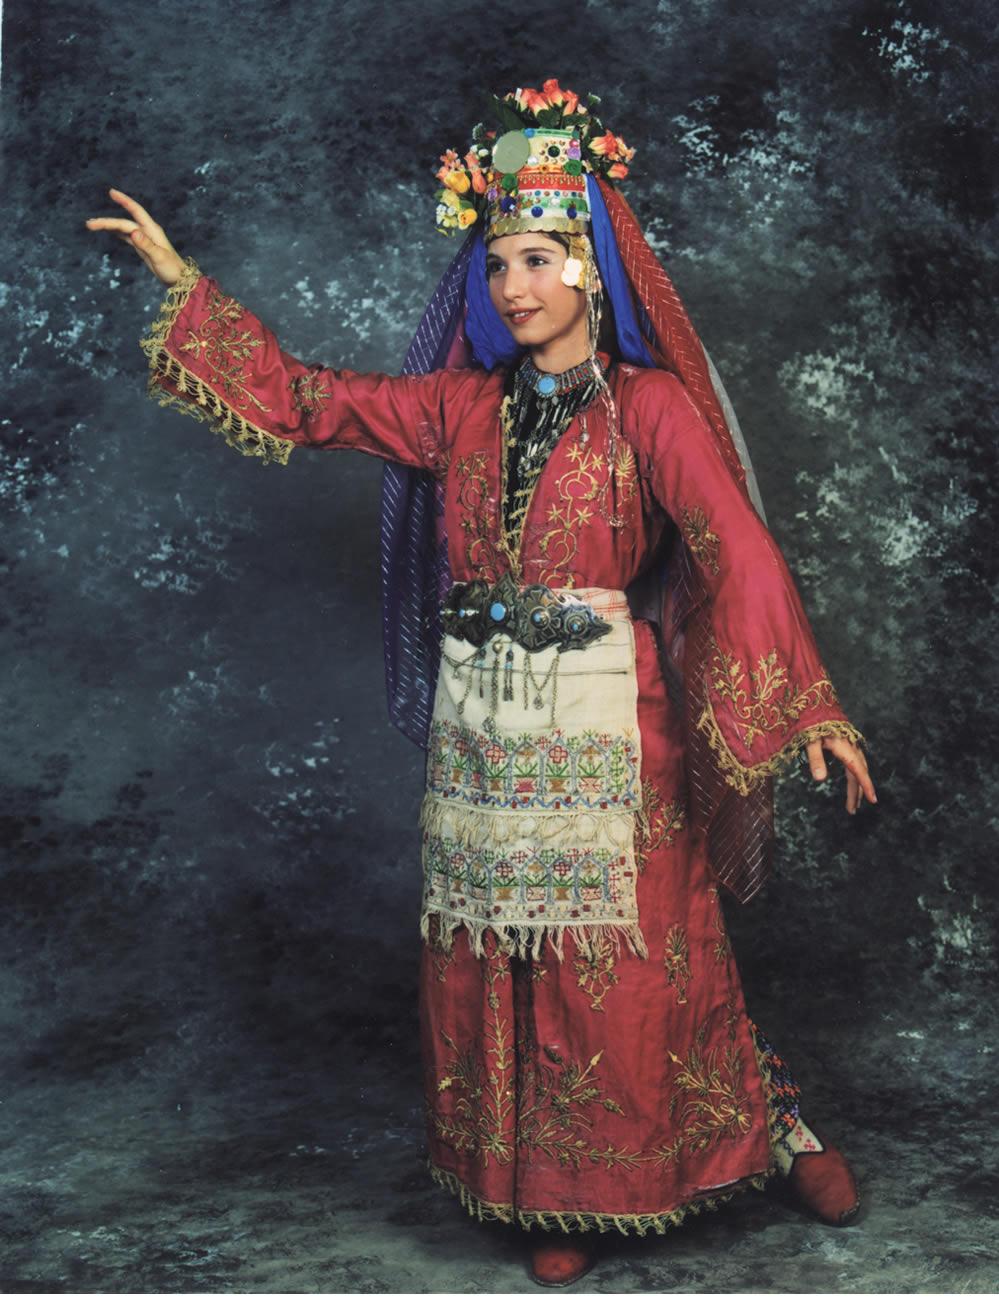 Fethiye Kız Kostümü